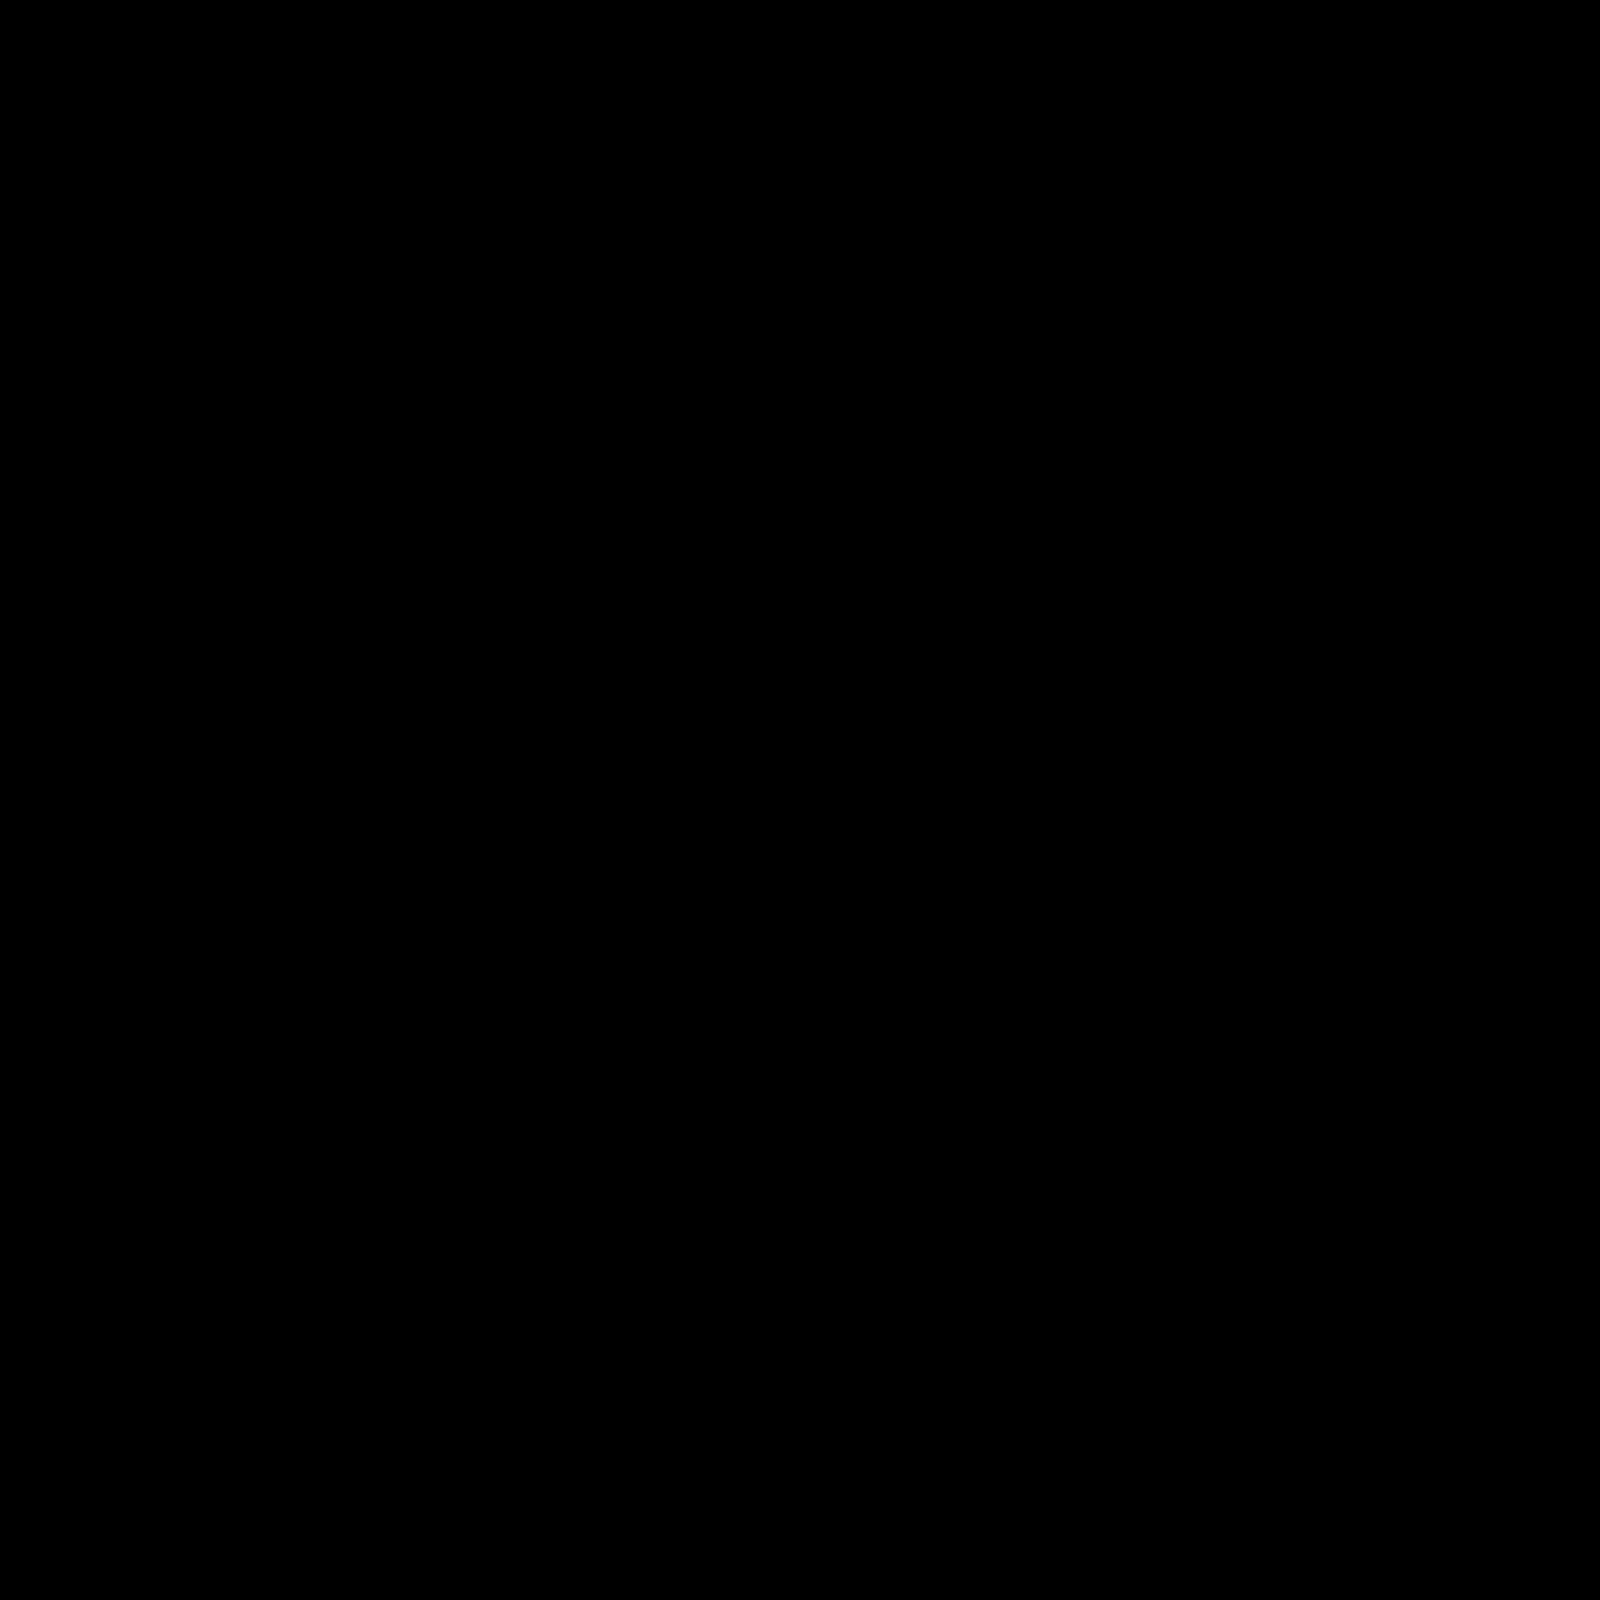 Black star Clip art.